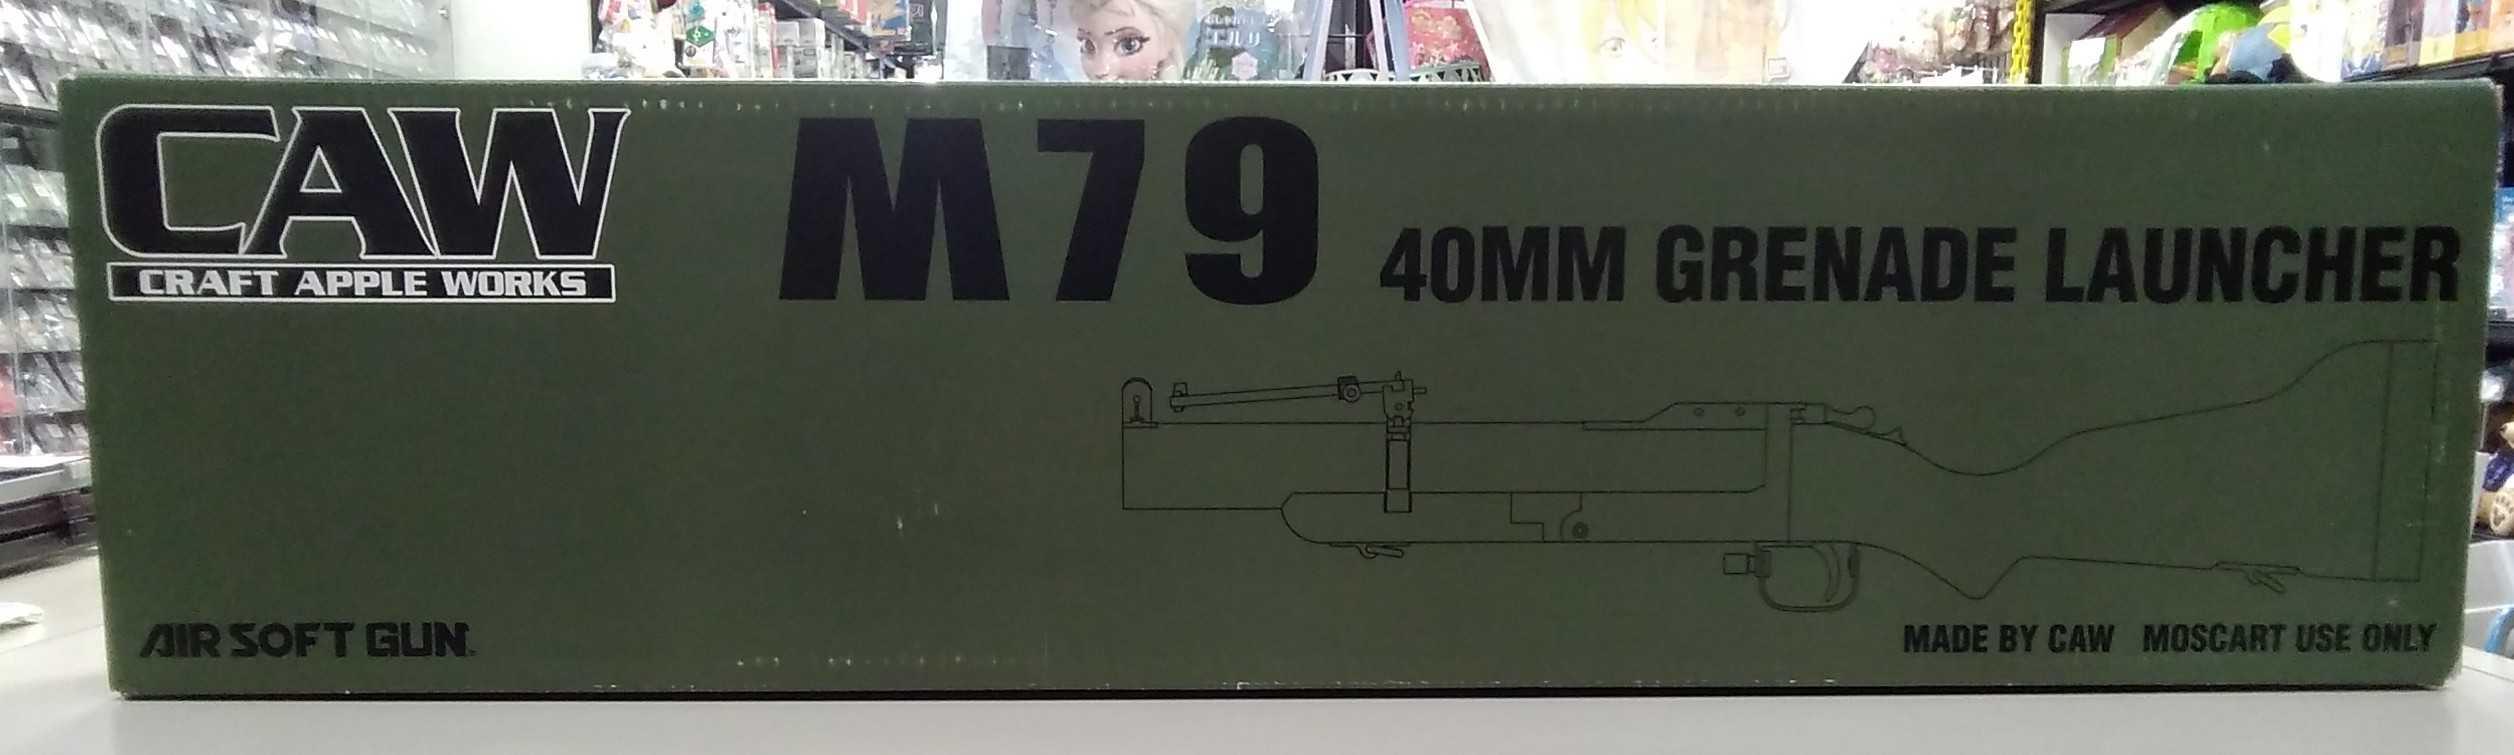 40MM グレネードランチャー|CAW